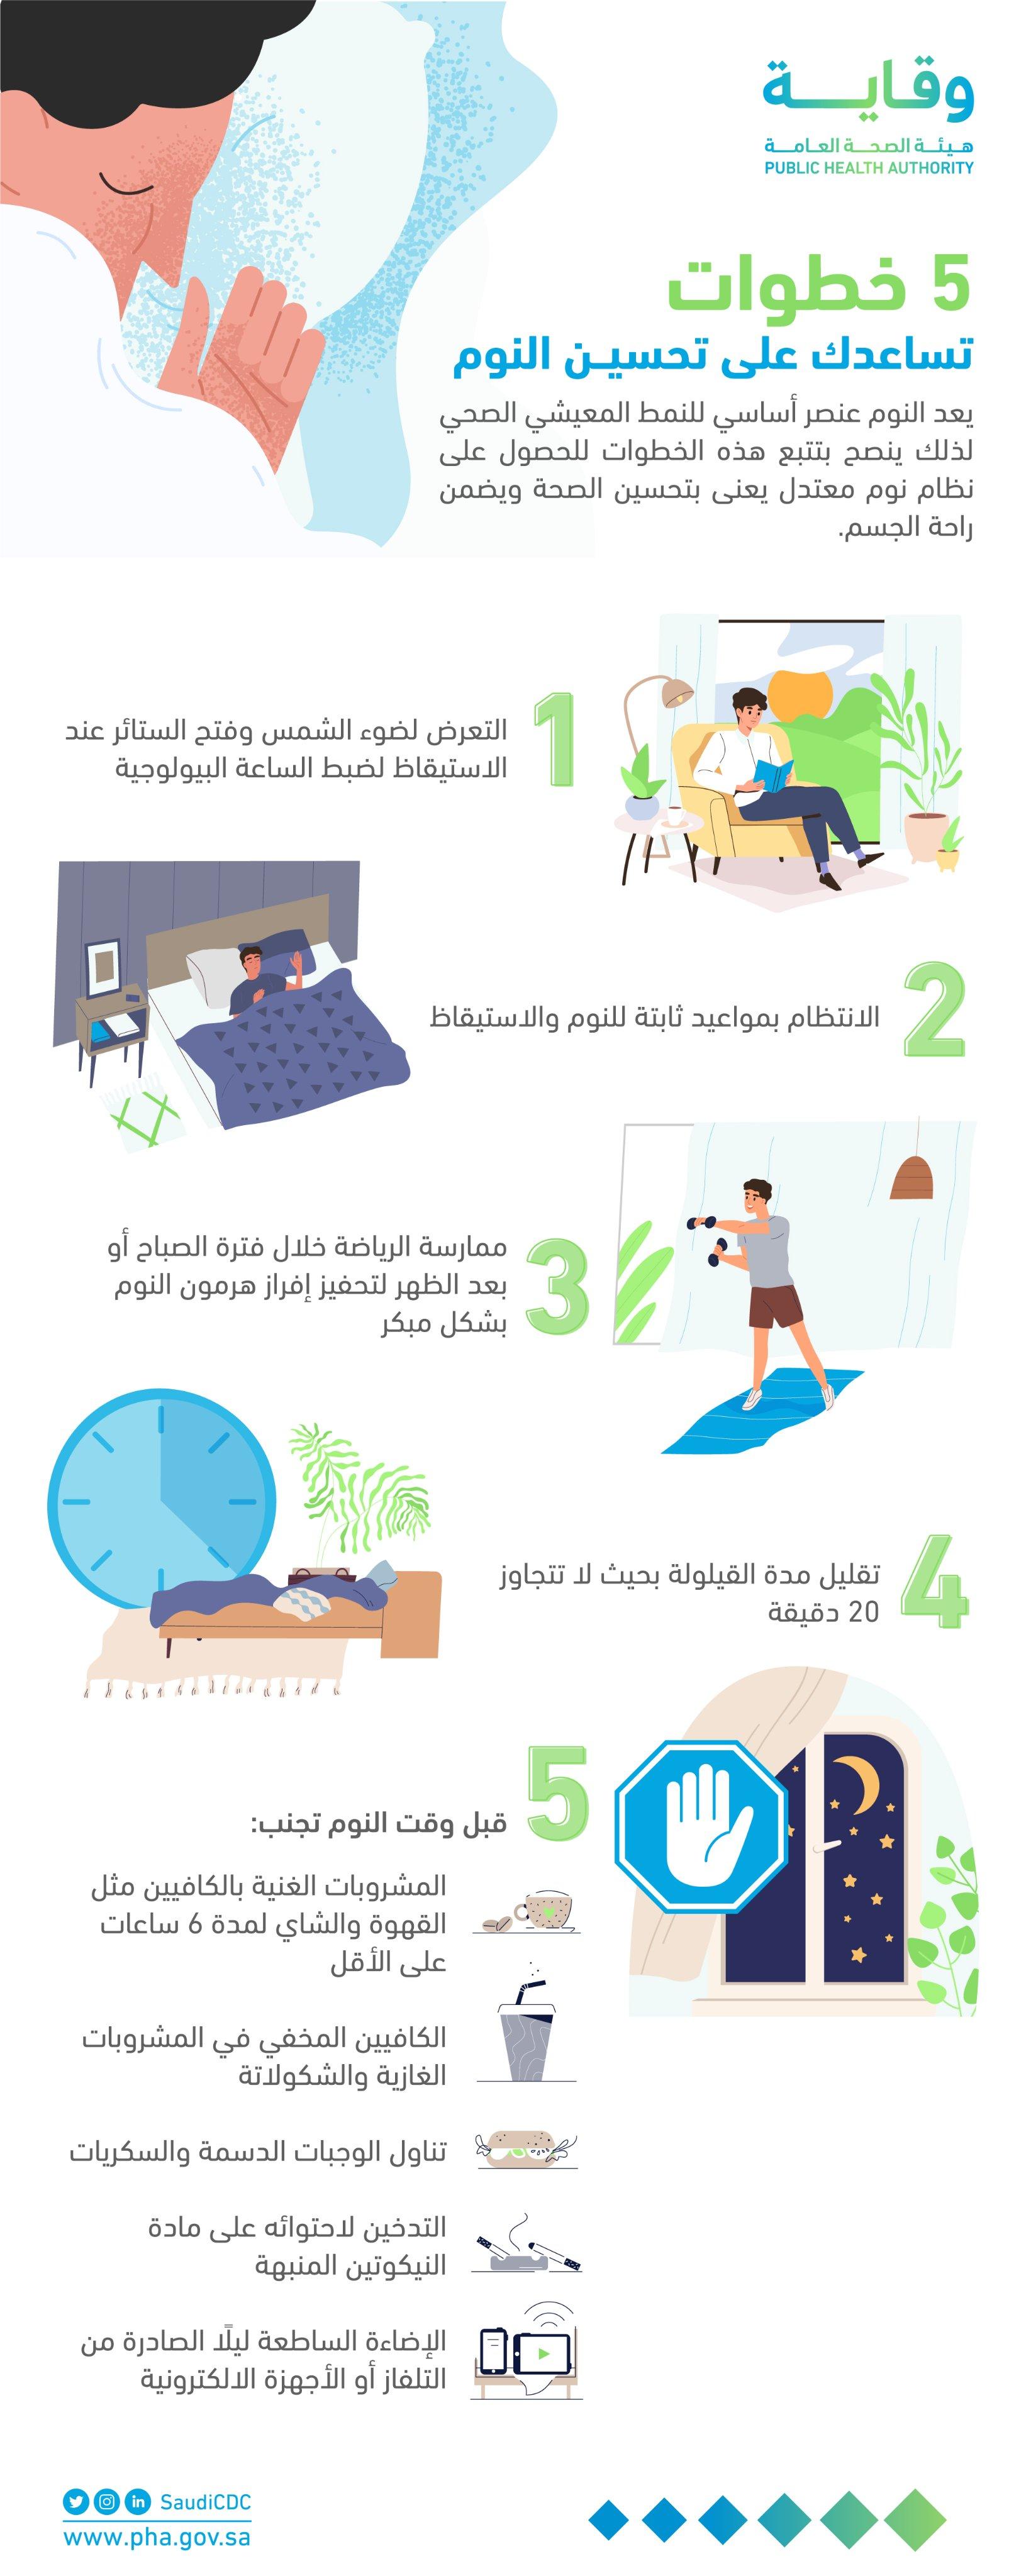 تؤثر تقلبات النوم سلبًا على الصحة، تعرف على الخمس خطوات للمساعدة في تحسين النوم 👇🛌 #هيئة_الصحة_العامة #وقاية